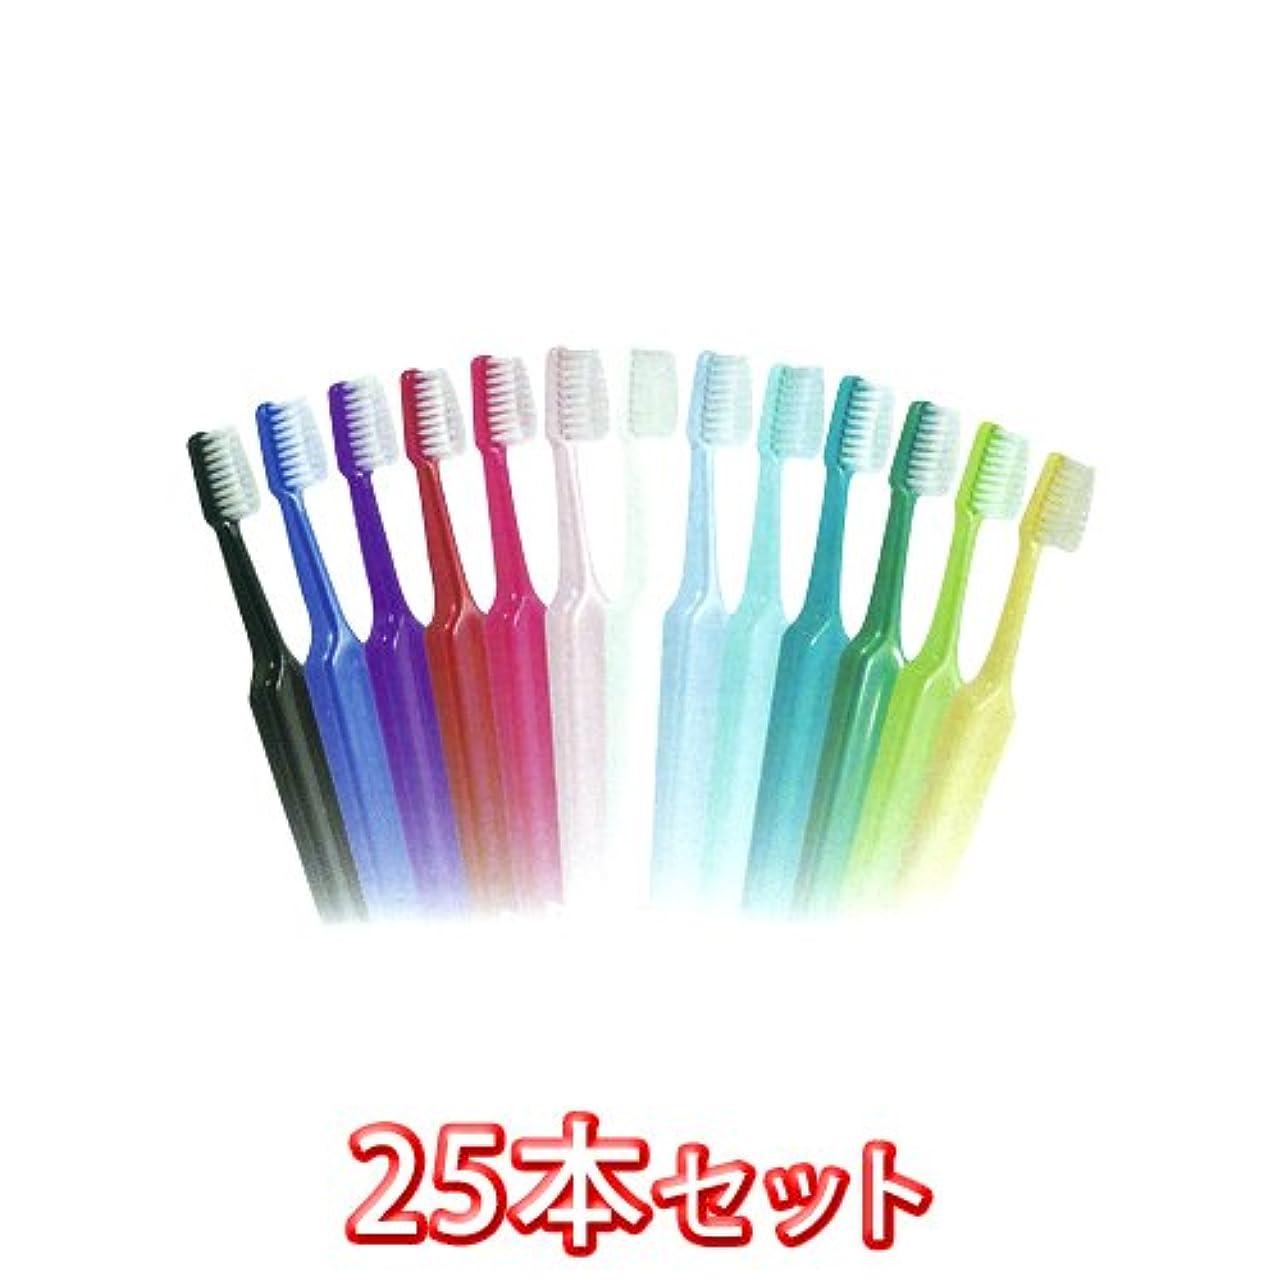 路地かわす保険をかけるTePe (テペ) セレクトミディアム 歯ブラシ 25本入